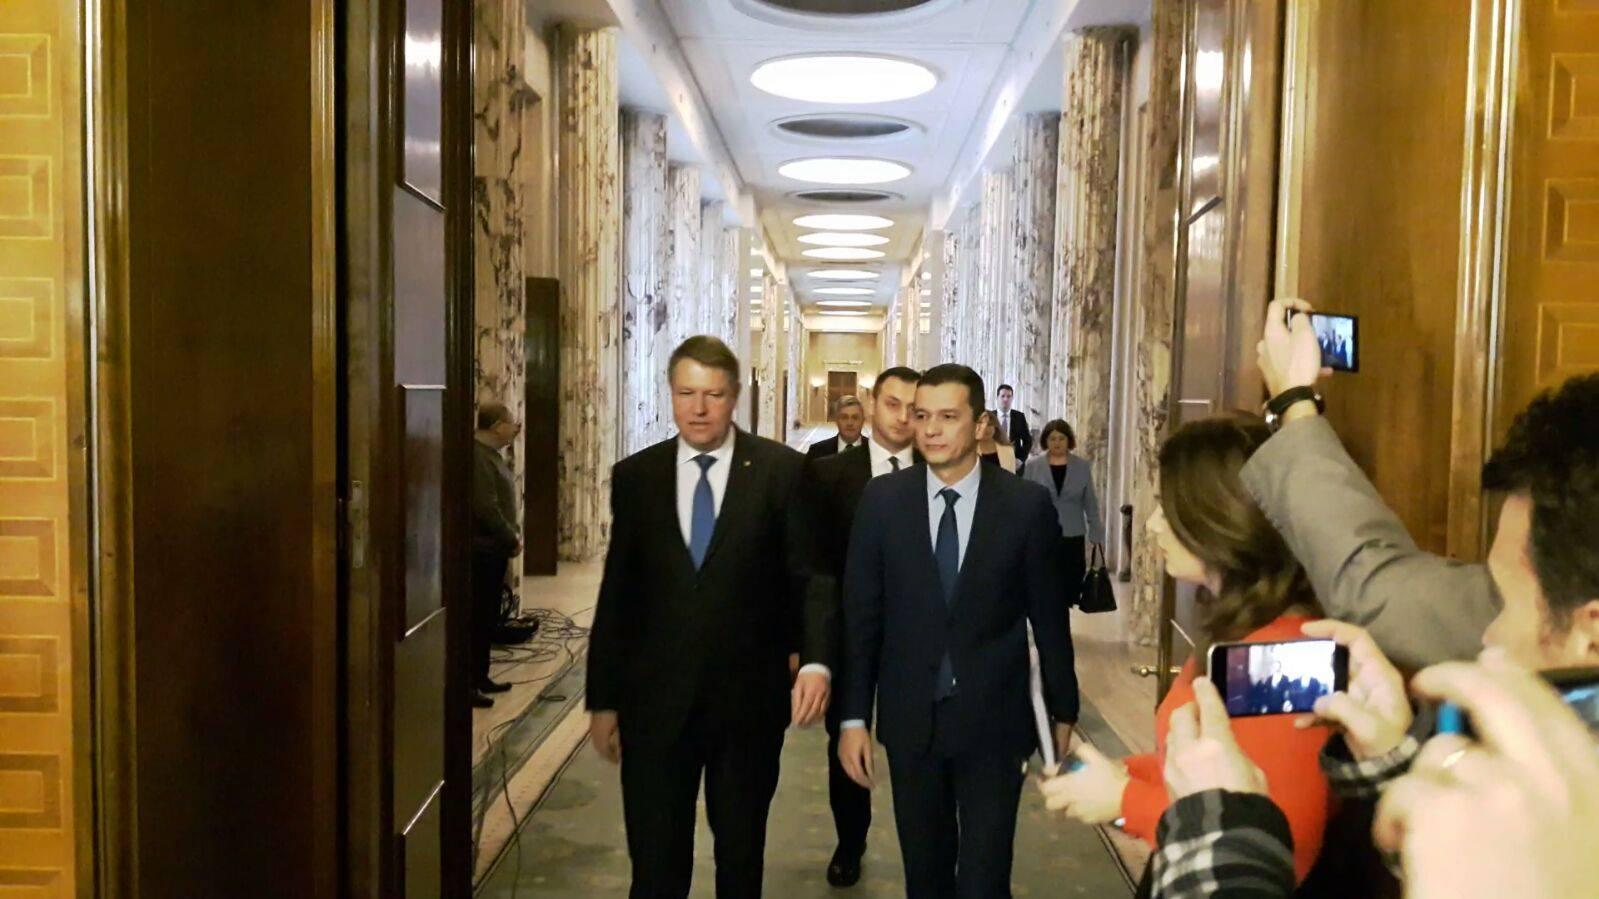 Răspunsul Guvernului pentru Klaus Iohannis, după refuzul de a numi miniștrii propuși